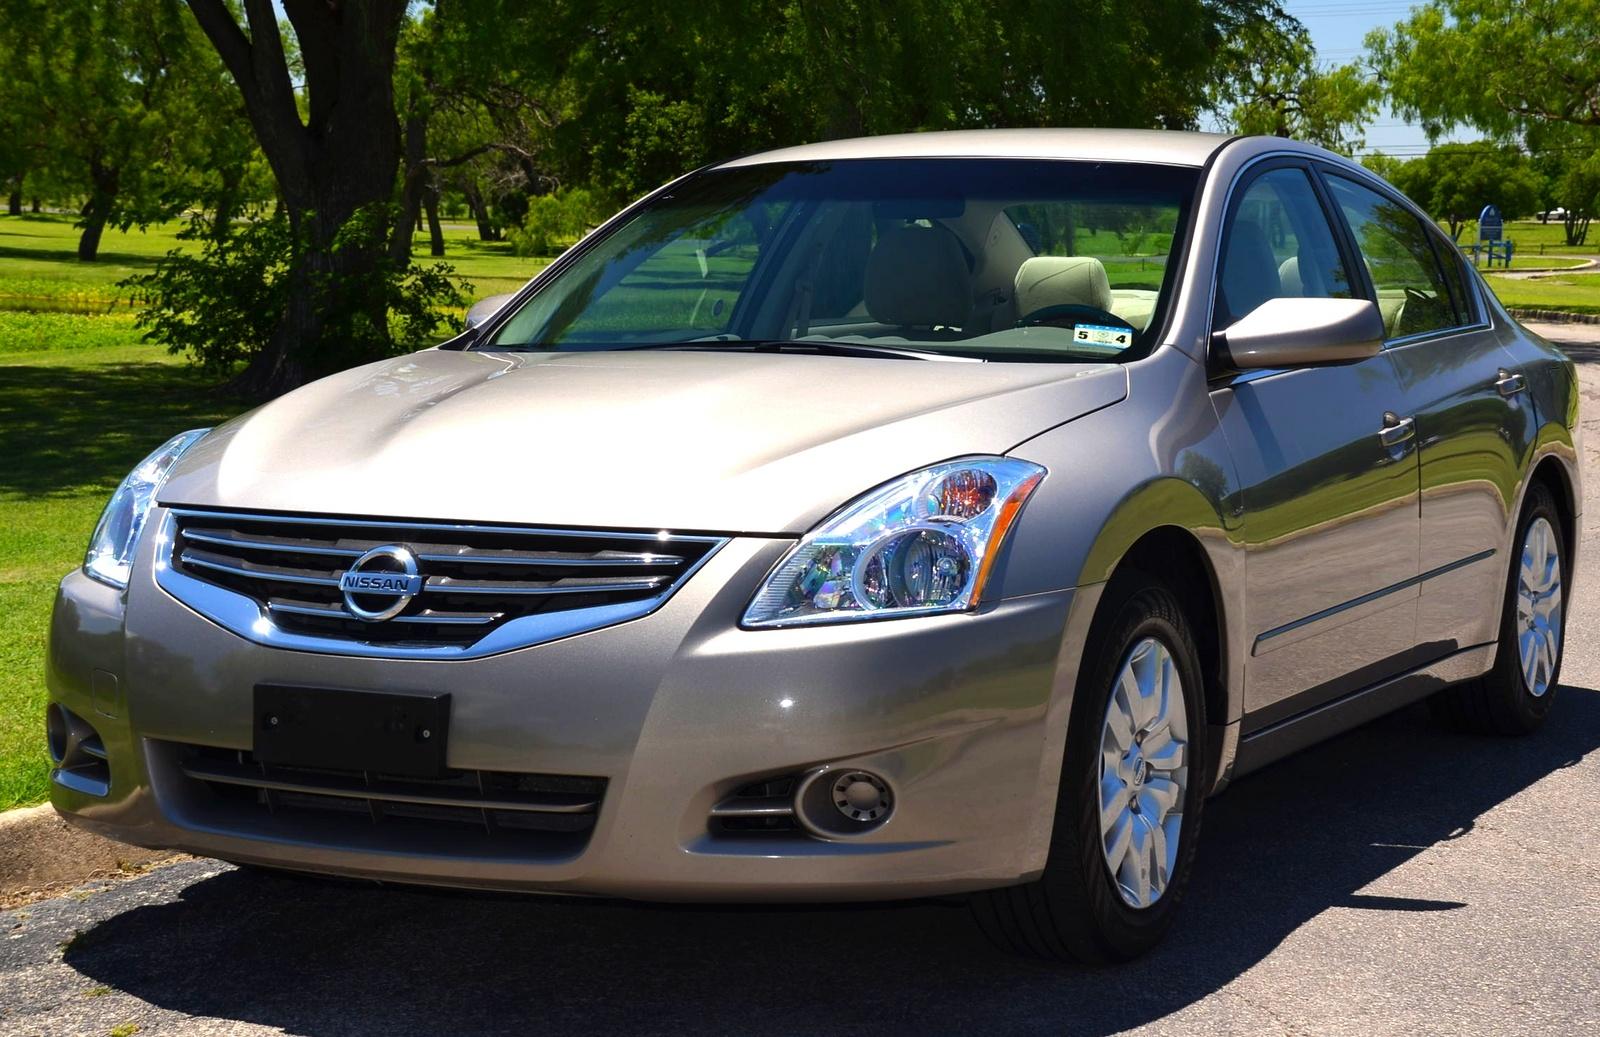 2012 Nissan Altima Pictures Cargurus